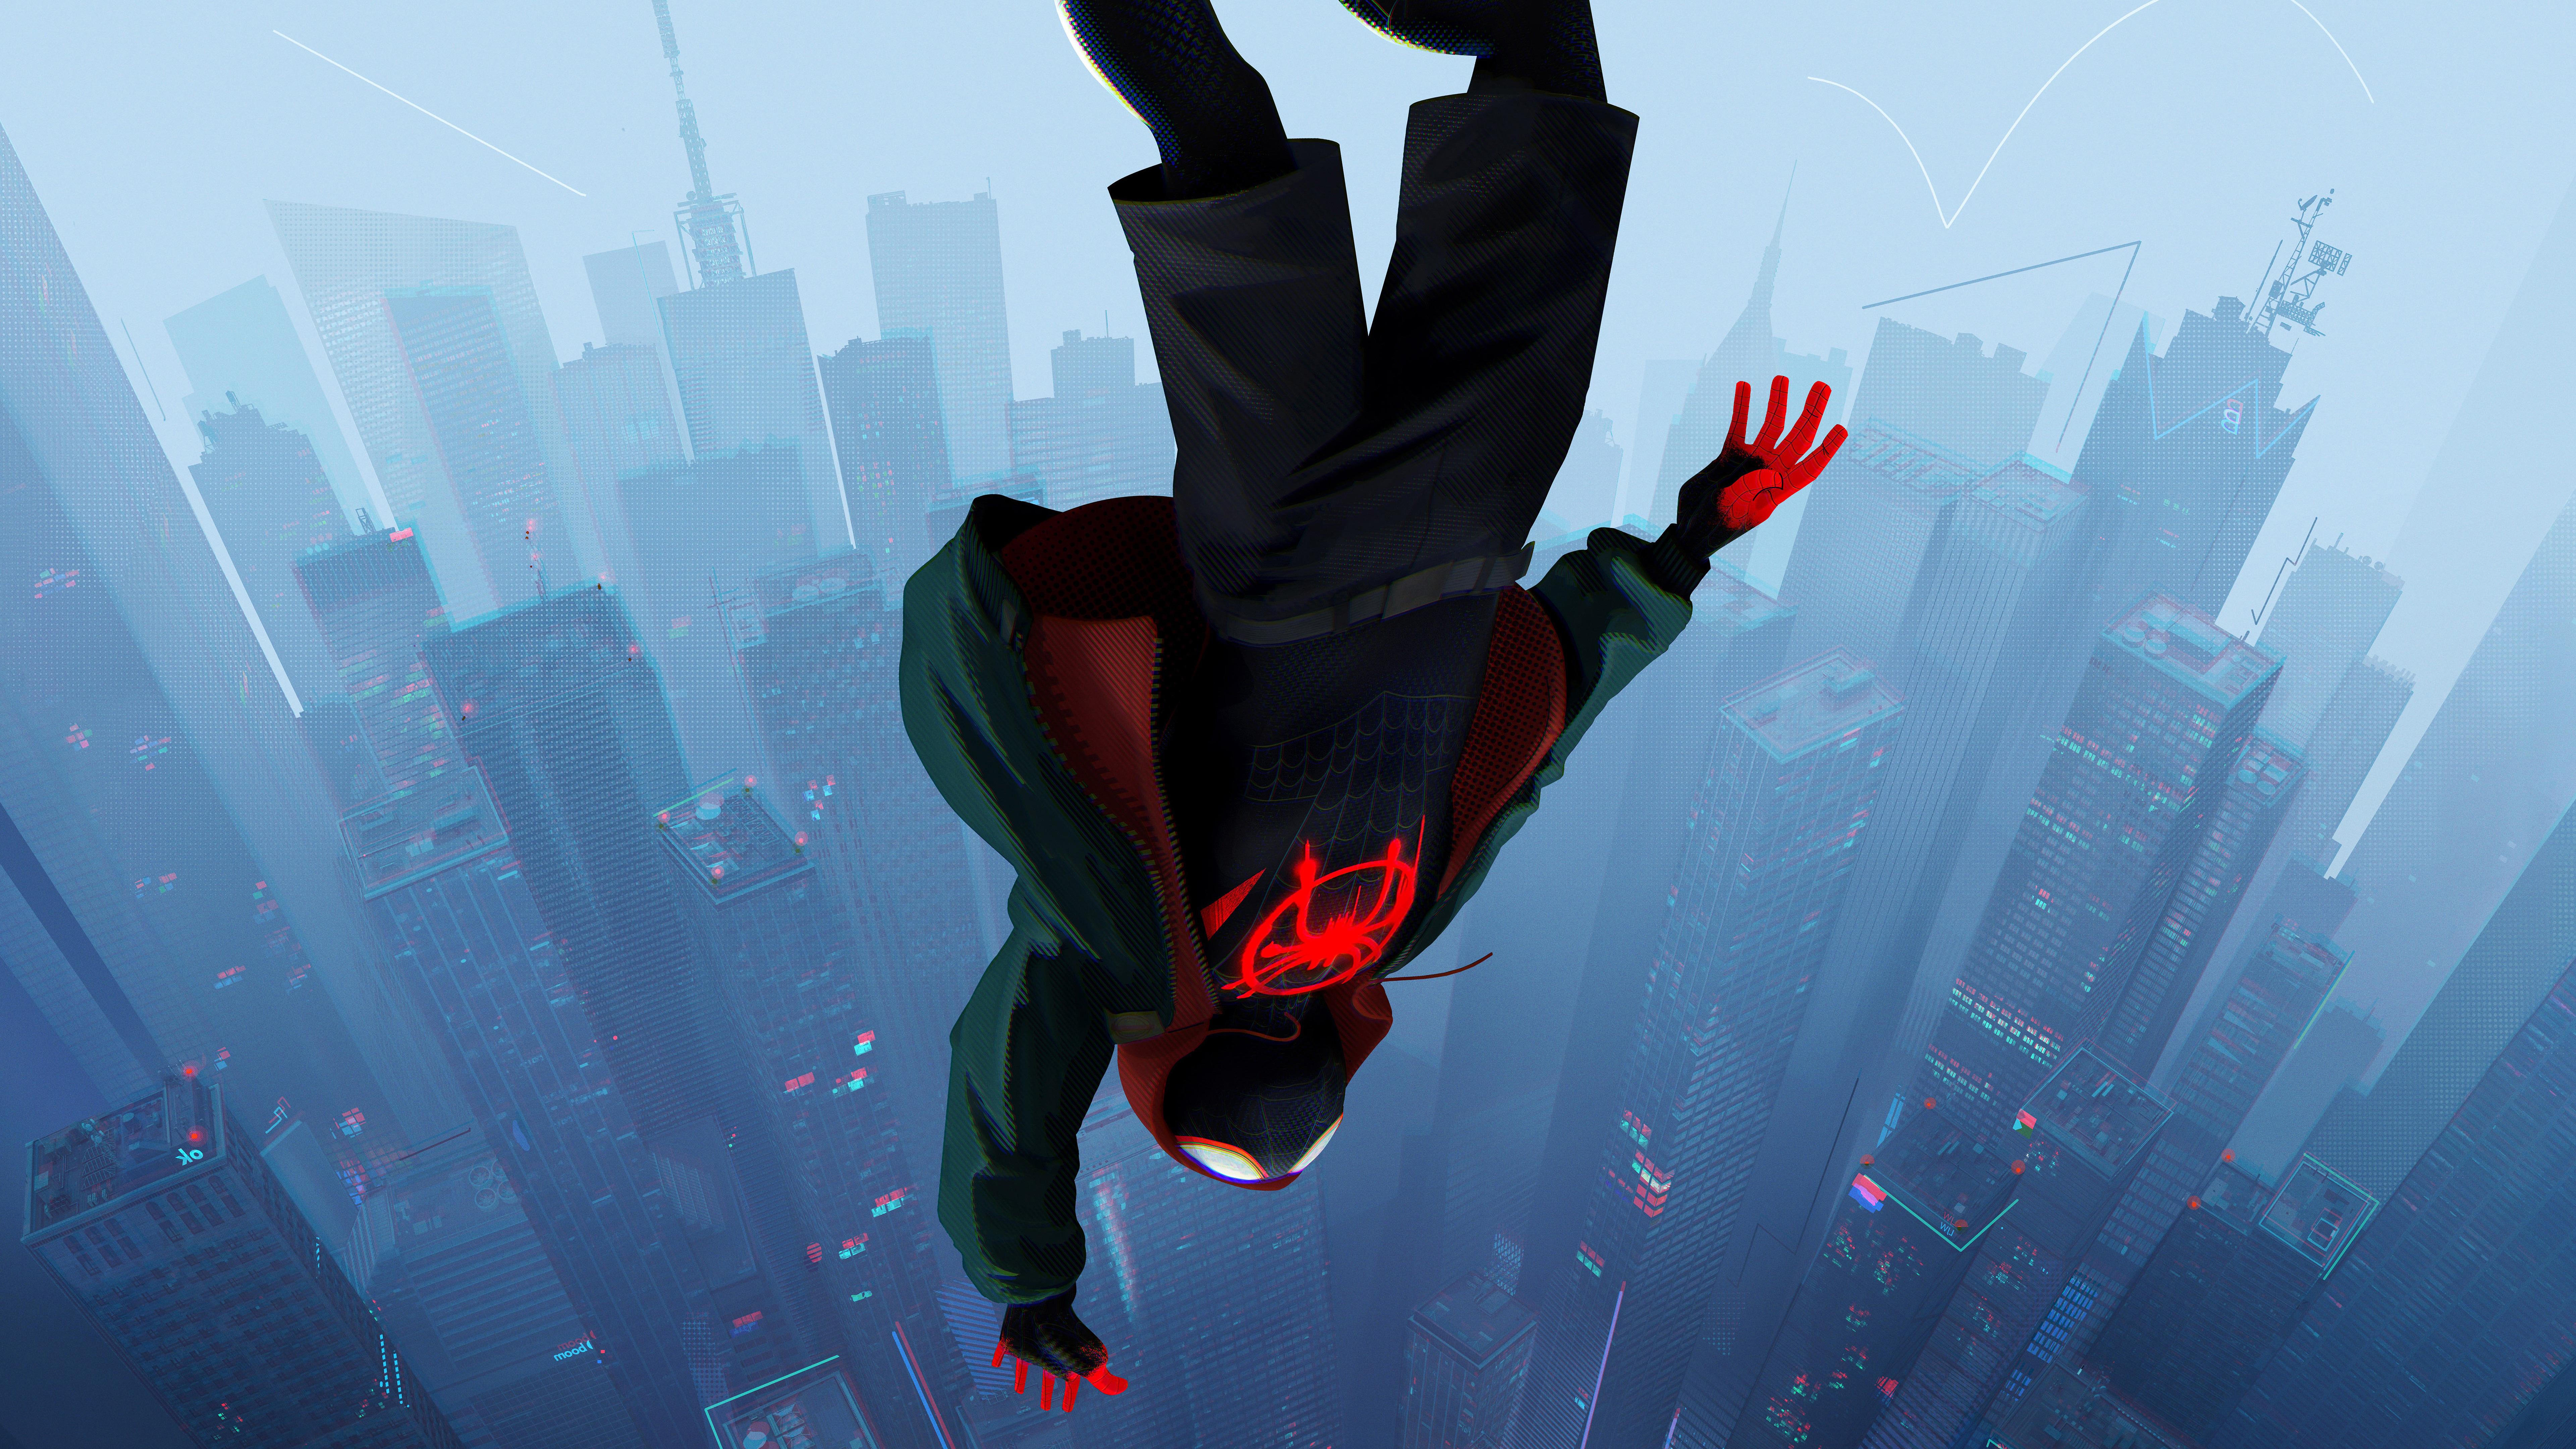 1280x1024 SpiderMan Into The Spider Verse Movie 2018 8k